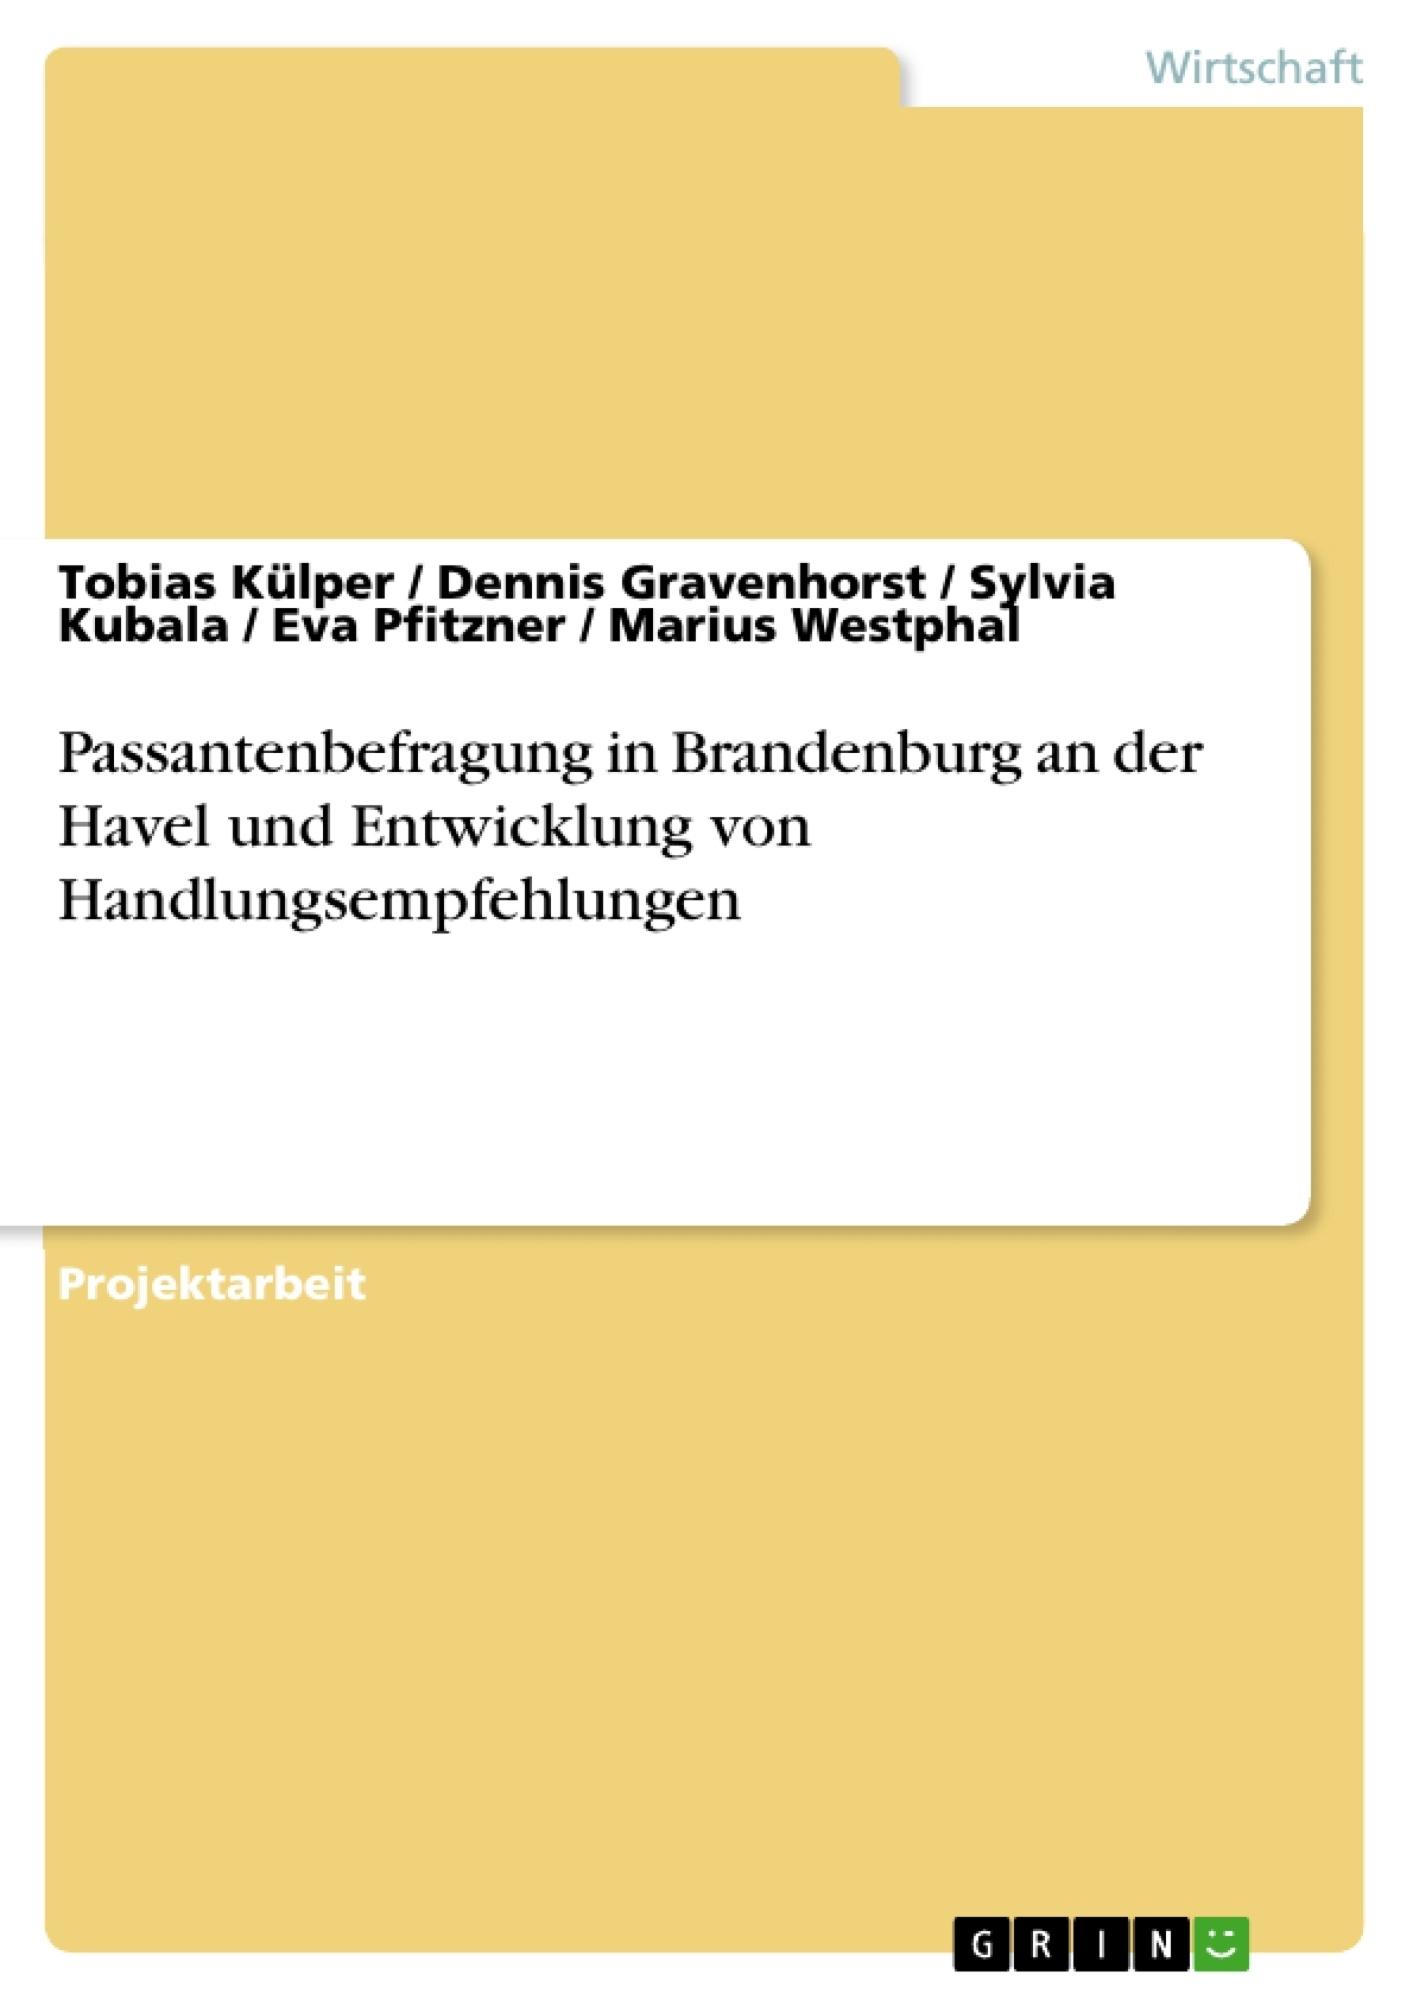 Titel: Passantenbefragung in Brandenburg an der Havel und Entwicklung von Handlungsempfehlungen